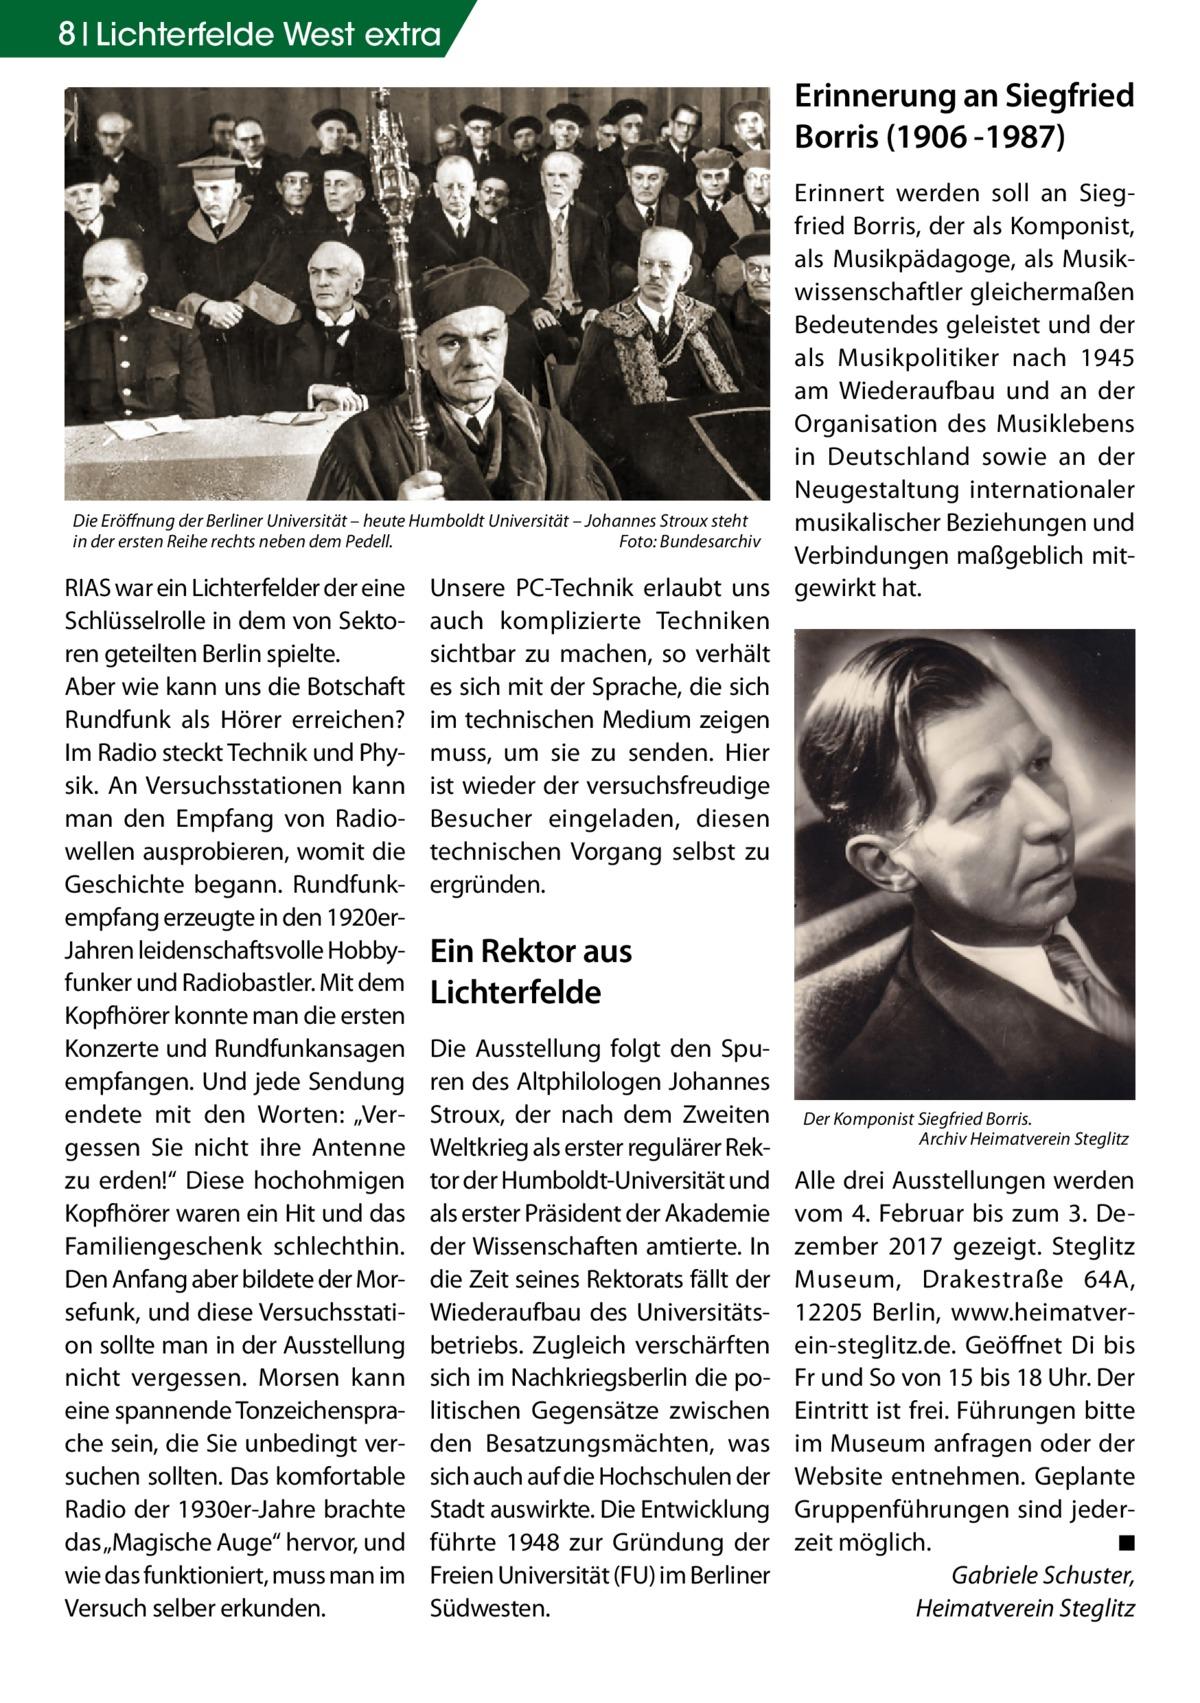 """8 Lichterfelde West extra  Erinnerung an Siegfried Borris (1906 -1987) Erinnert werden soll an Siegfried Borris, der als Komponist, als Musikpädagoge, als Musikwissenschaftler gleichermaßen Bedeutendes geleistet und der als Musikpolitiker nach 1945 am Wiederaufbau und an der Organisation des Musiklebens in Deutschland sowie an der Neugestaltung internationaler Die Eröffnung der Berliner Universität – heute Humboldt Universität – Johannes Stroux steht musikalischer Beziehungen und in der ersten Reihe rechts neben dem Pedell.� Foto: Bundesarchiv Verbindungen maßgeblich mitRIAS war ein Lichterfelder der eine Unsere PC-Technik erlaubt uns gewirkt hat. Schlüsselrolle in dem von Sekto- auch komplizierte Techniken ren geteilten Berlin spielte. sichtbar zu machen, so verhält Aber wie kann uns die Botschaft es sich mit der Sprache, die sich Rundfunk als Hörer erreichen? im technischen Medium zeigen Im Radio steckt Technik und Phy- muss, um sie zu senden. Hier sik. An Versuchsstationen kann ist wieder der versuchsfreudige man den Empfang von Radio- Besucher eingeladen, diesen wellen ausprobieren, womit die technischen Vorgang selbst zu Geschichte begann. Rundfunk- ergründen. empfang erzeugte in den 1920erJahren leidenschaftsvolle Hobby- Ein Rektor aus funker und Radiobastler. Mit dem Lichterfelde Kopfhörer konnte man die ersten Konzerte und Rundfunkansagen Die Ausstellung folgt den Spuempfangen. Und jede Sendung ren des Altphilologen Johannes endete mit den Worten: """"Ver- Stroux, der nach dem Zweiten Der Komponist Siegfried Borris. Archiv Heimatverein Steglitz gessen Sie nicht ihre Antenne Weltkrieg als erster regulärer Rek- � zu erden!"""" Diese hochohmigen tor der Humboldt-Universität und Alle drei Ausstellungen werden Kopfhörer waren ein Hit und das als erster Präsident der Akademie vom 4. Februar bis zum 3. DeFamiliengeschenk schlechthin. der Wissenschaften amtierte. In zember 2017 gezeigt. Steglitz Den Anfang aber bildete der Mor- die Zeit seines Rektorats fällt der Museum, """